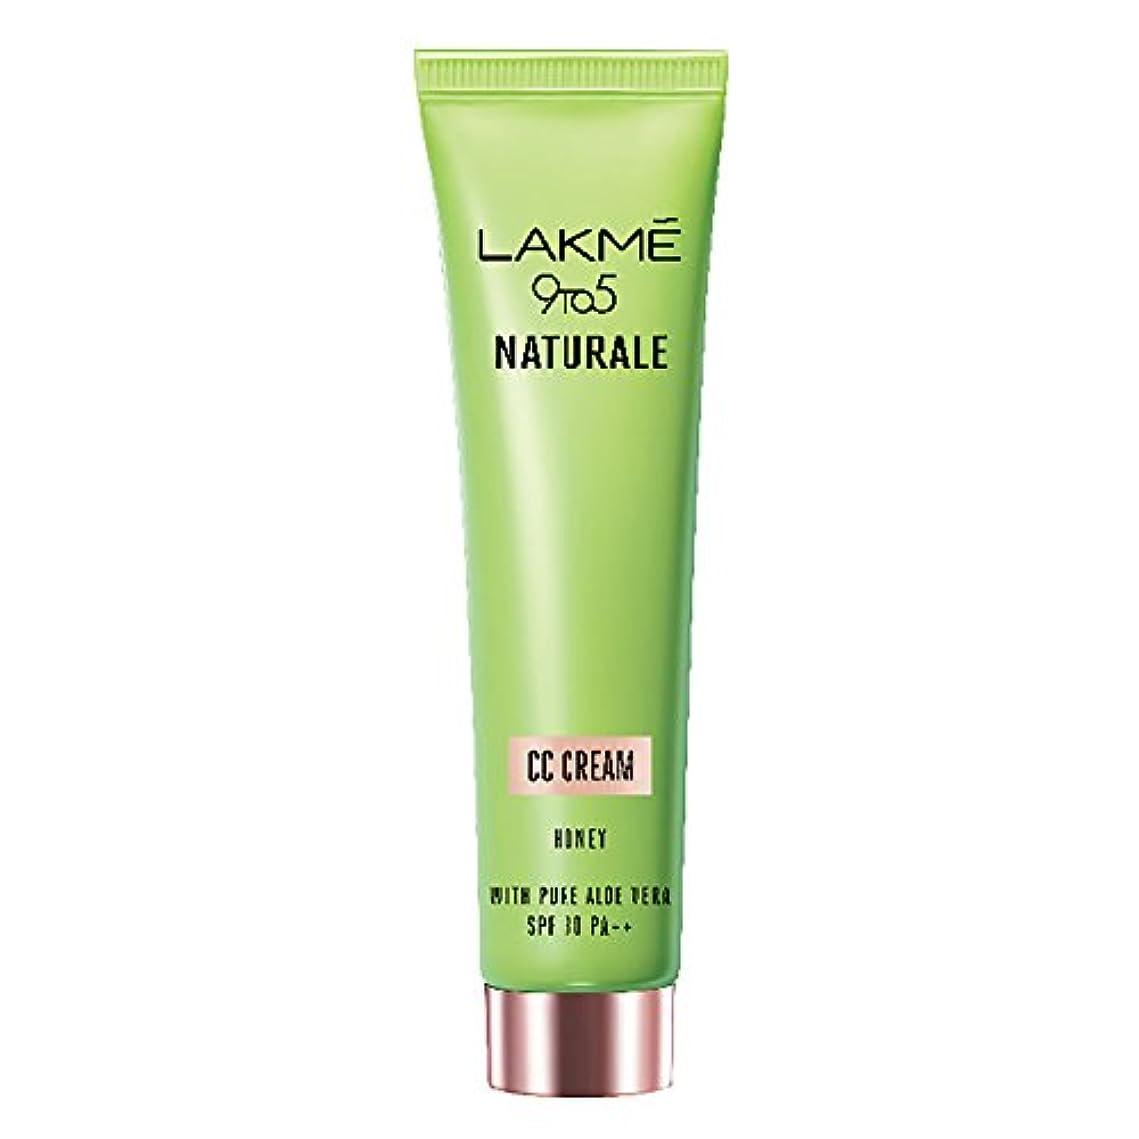 他のバンドでまた明日ね枠Lakme 9 to 5 Naturale CC Cream, Honey, 30g